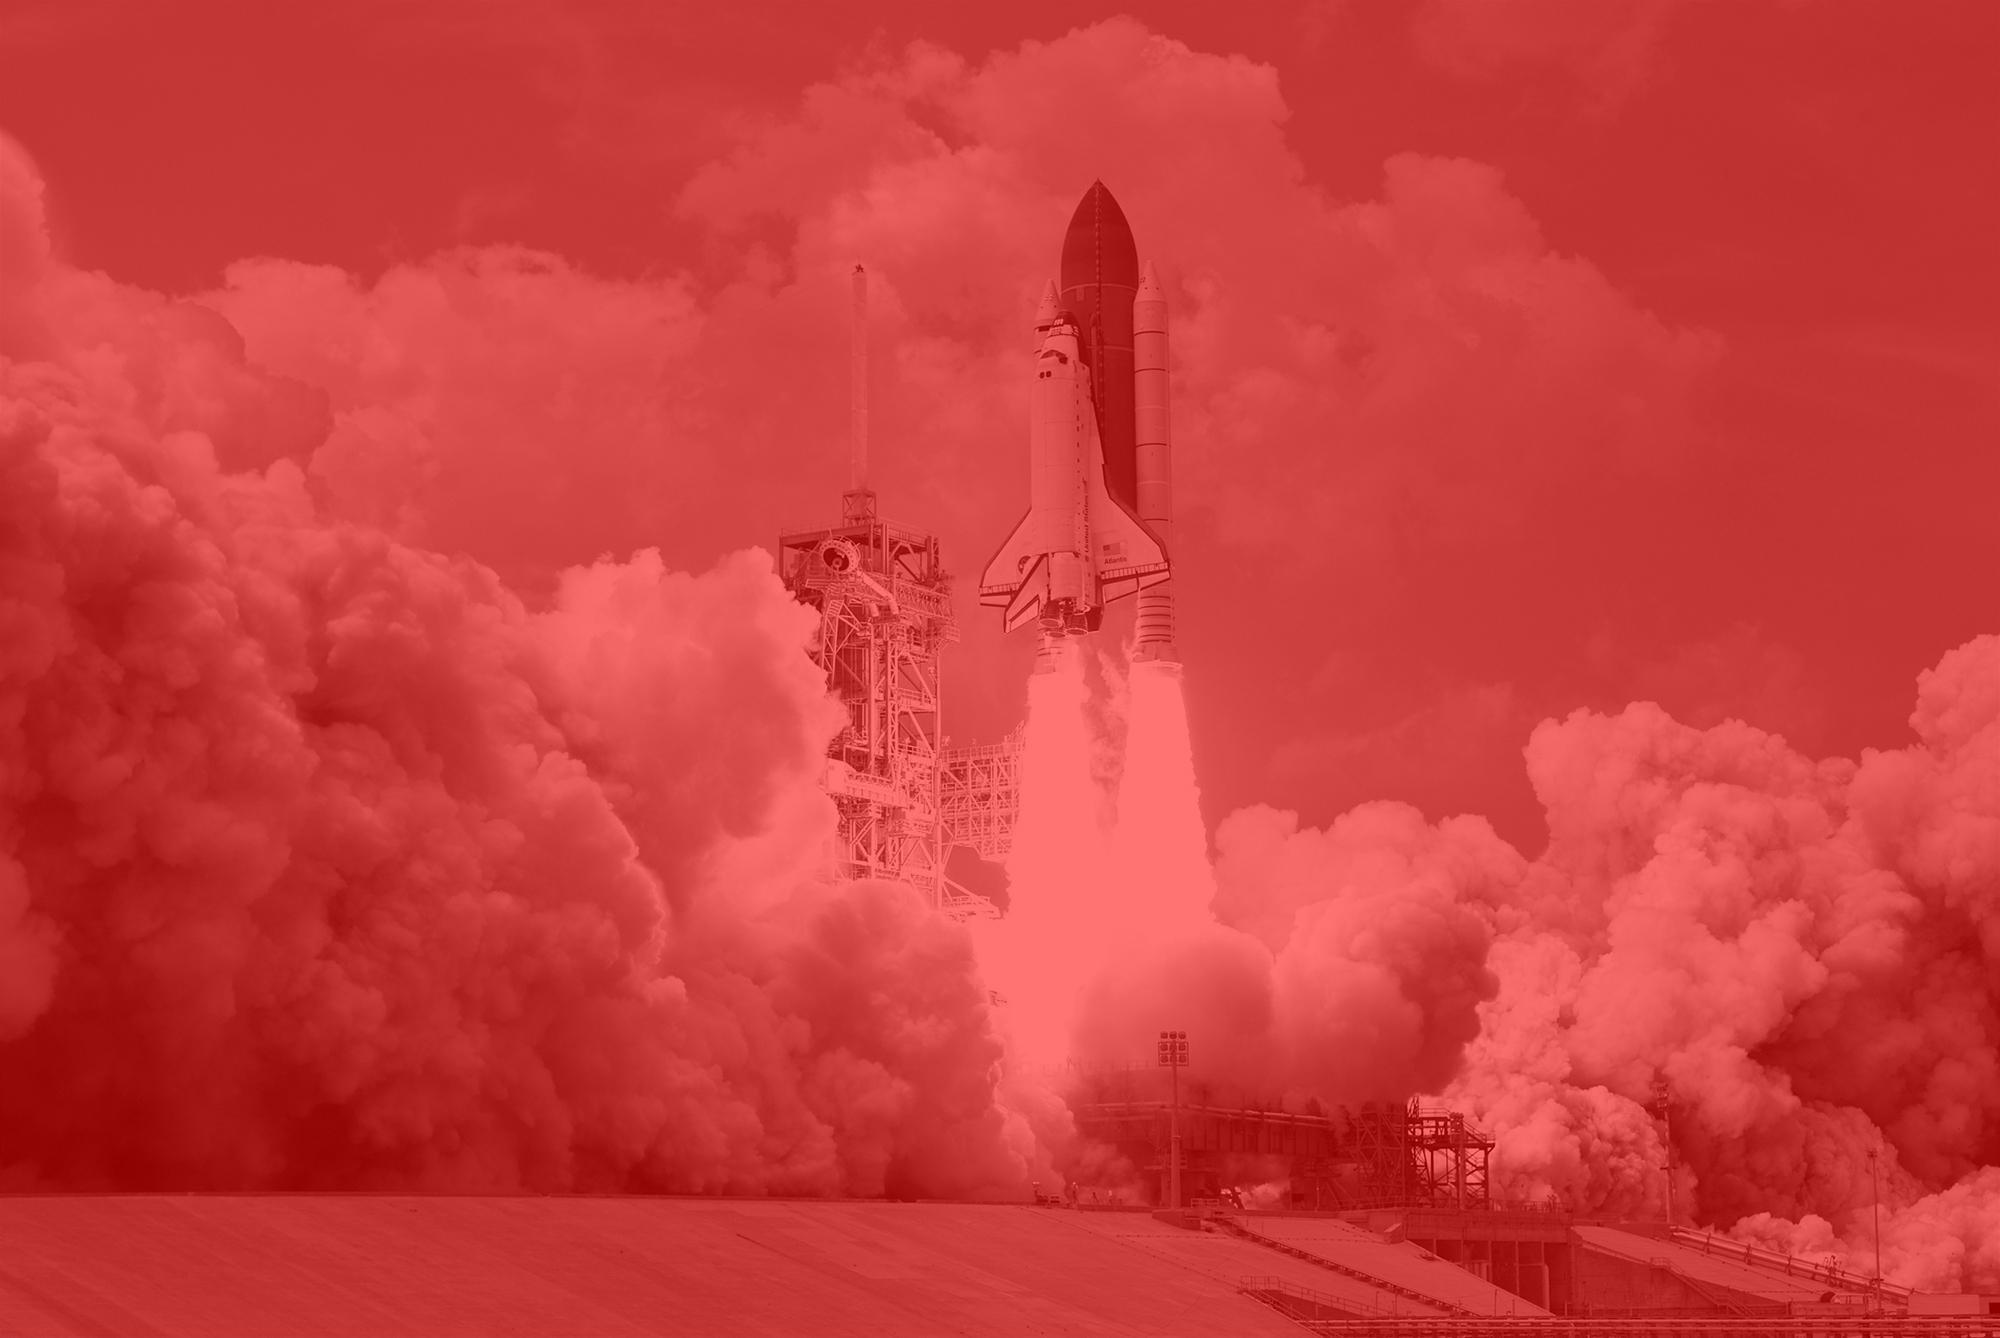 space-rocket-launching-73871-crop-filter.jpg